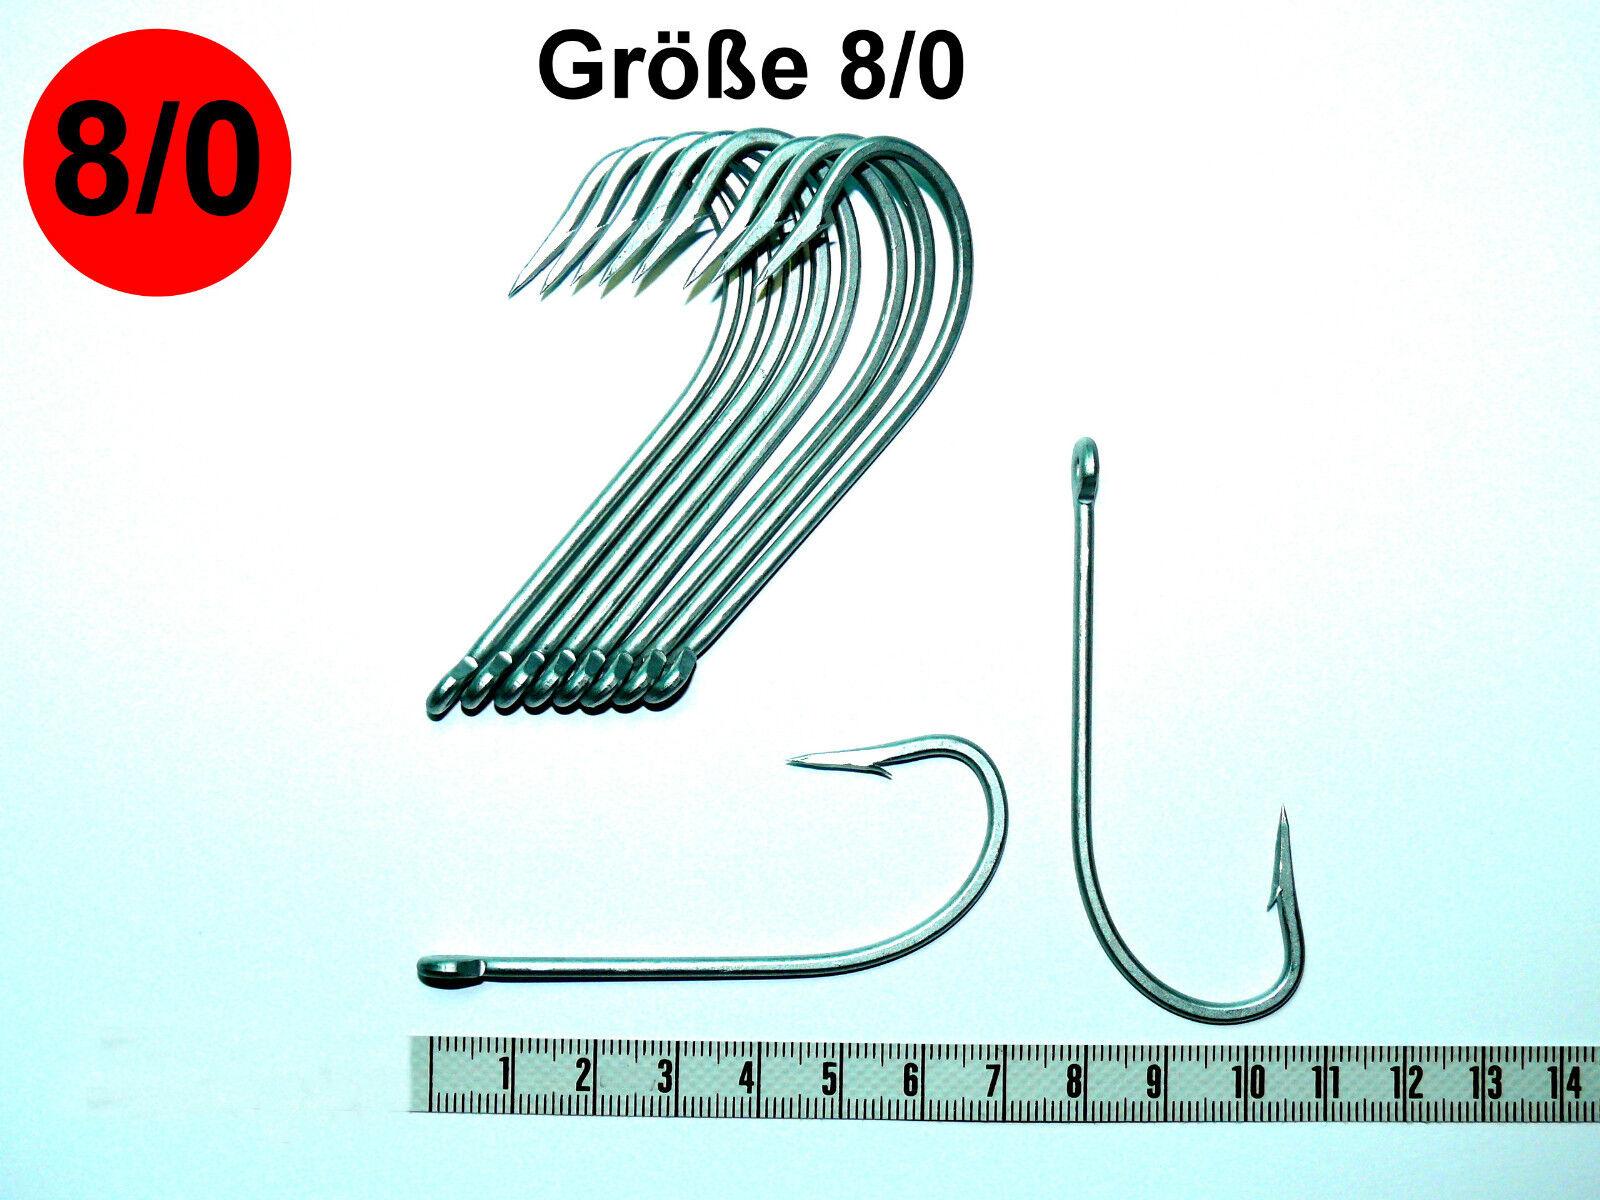 Vmc perma avec steel crochet avec perma öhr, 9255ps, inoxydable, ver. taille, en pleine mer, poisson lambeaux 6a2f33